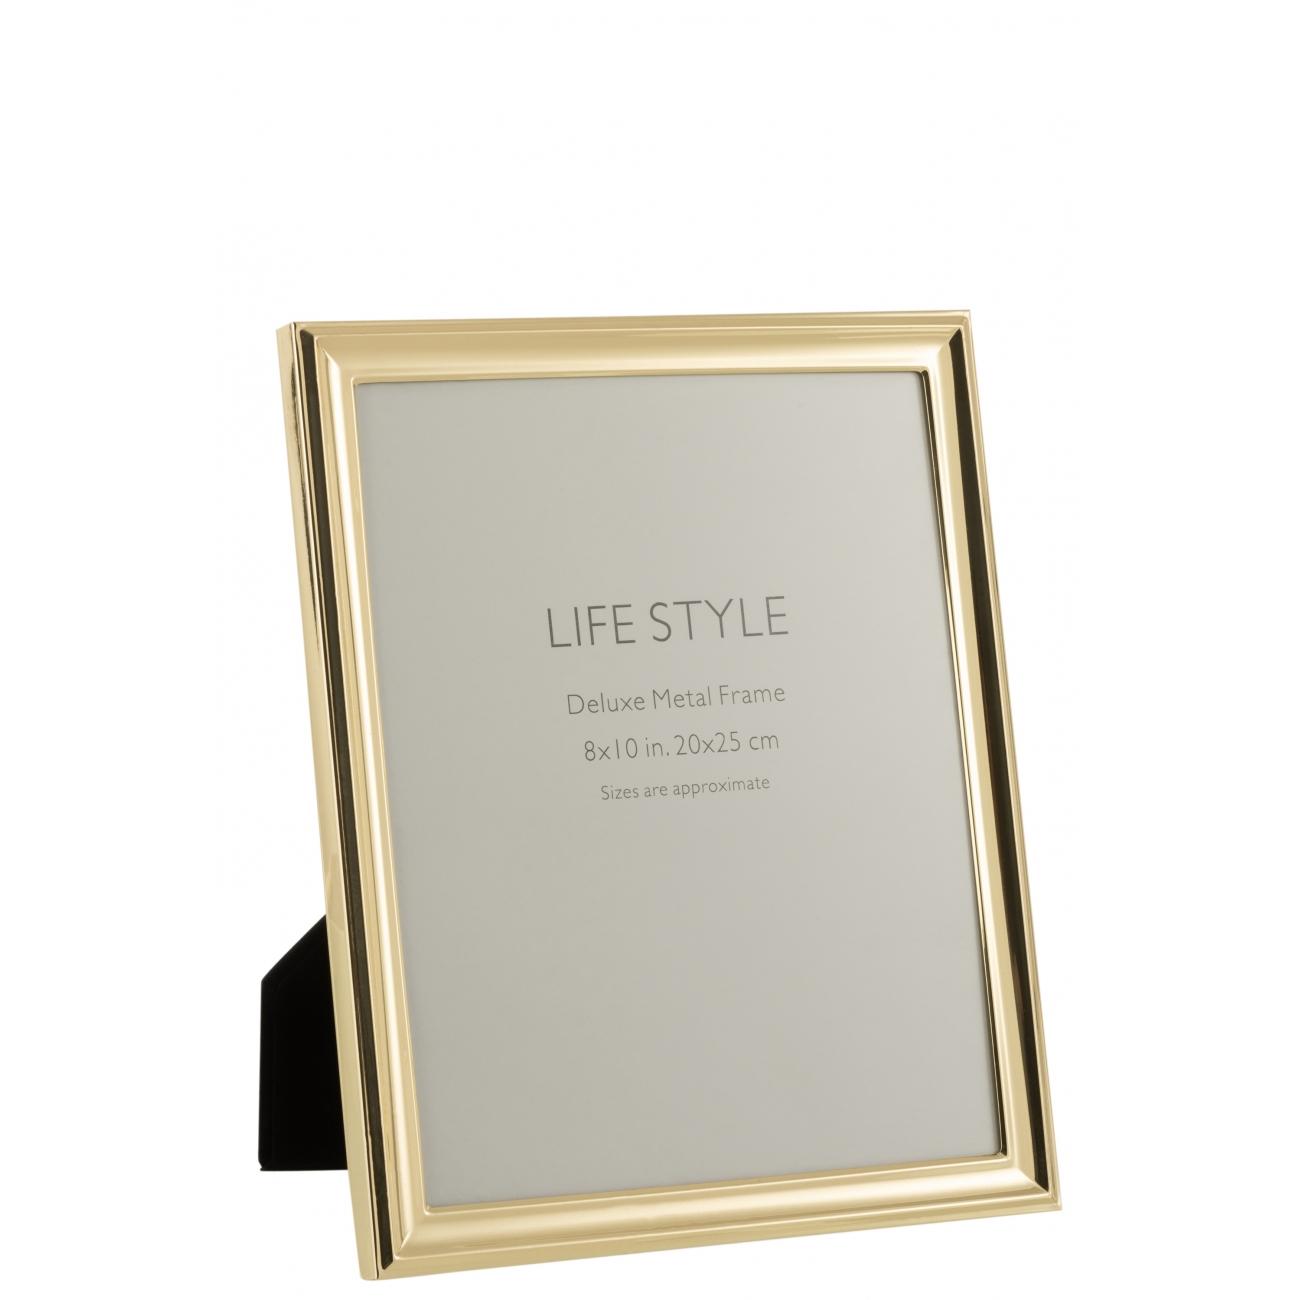 Фоторамка J-LINE металлическая классическая золотистая 20х25 см Бельгия